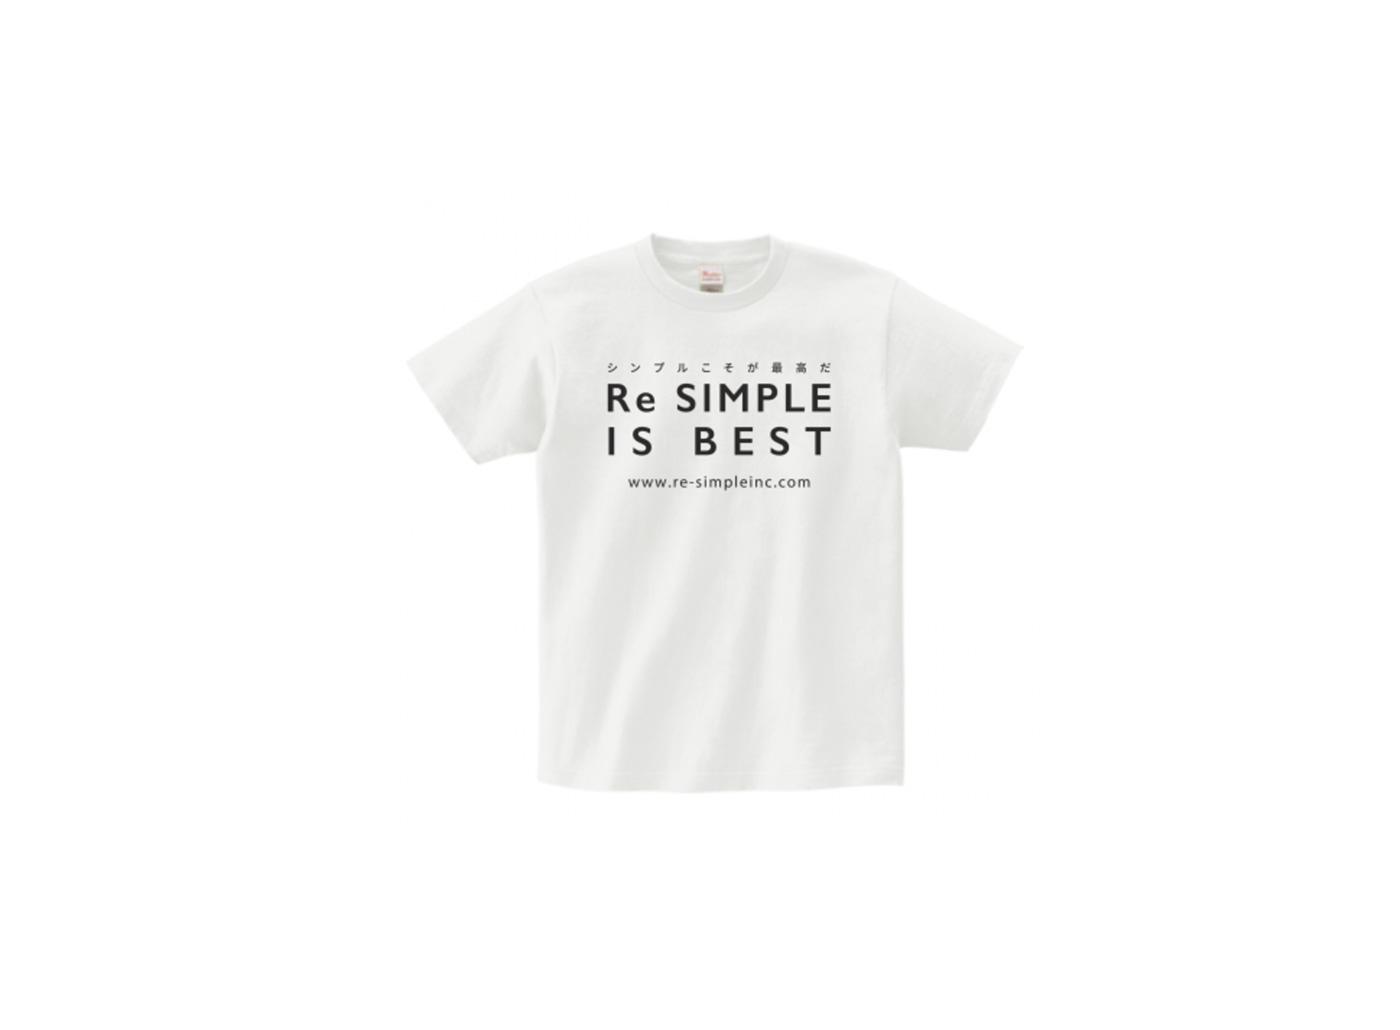 リシンプルTシャツ